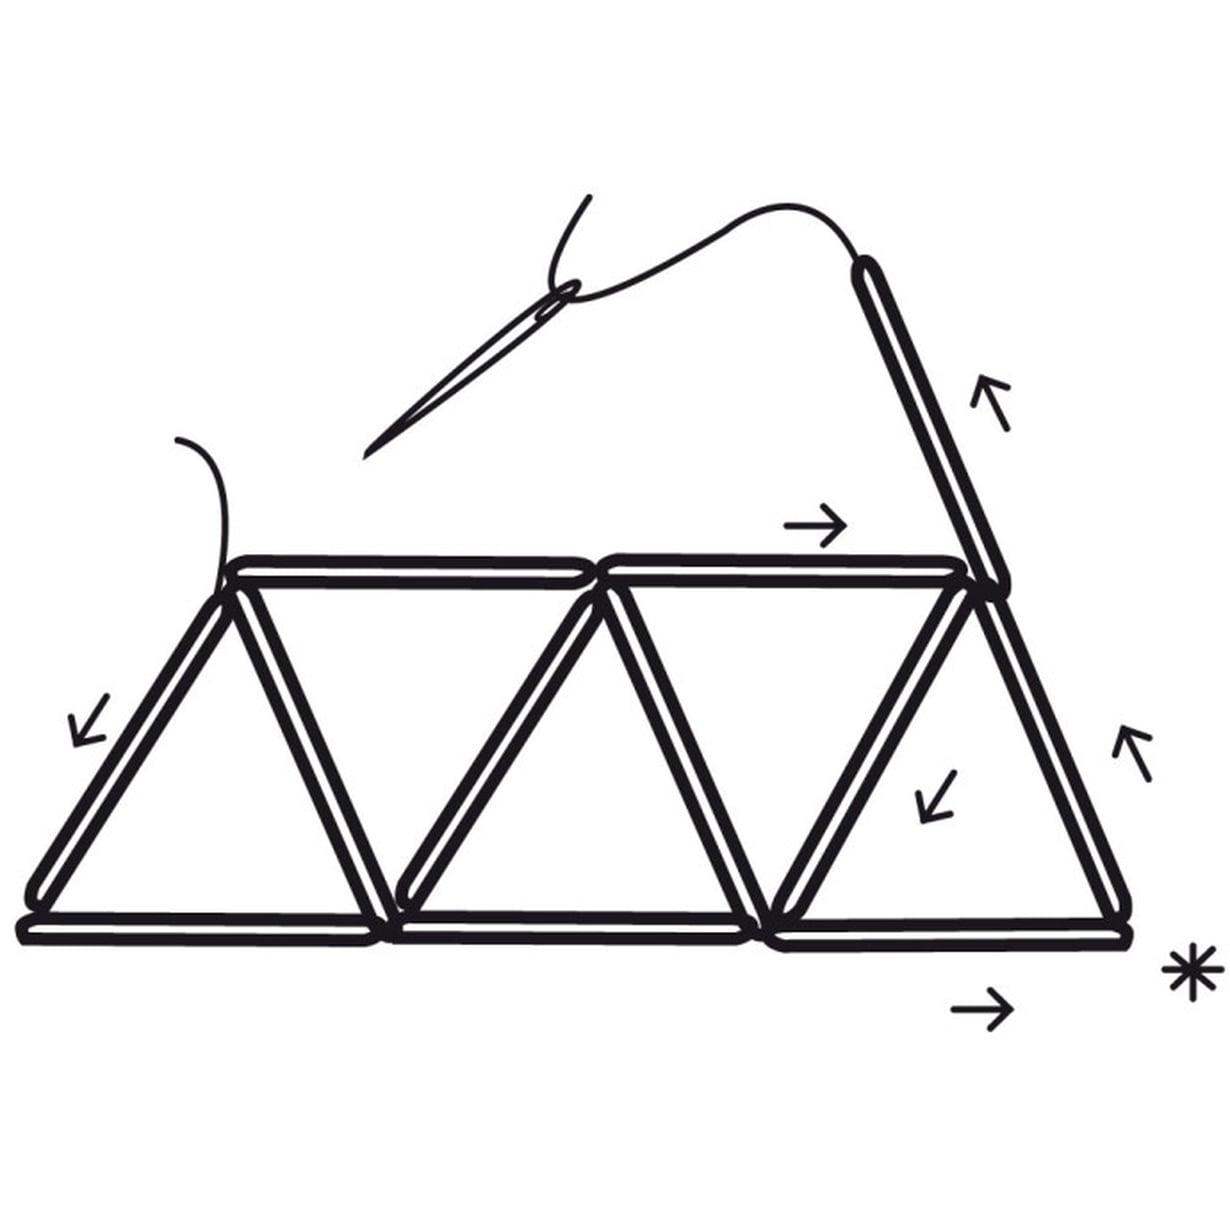 Tee samalla tavalla vielä kaksi kolmiota. Pujota lankaan yksi pilli ja solmi neulalanka aloituskulmaan. Työnnä neula ensimmäisen pillin läpi. Solmi neulalanka kolmioketjun oikeaan alakulmaan (*-merkki).